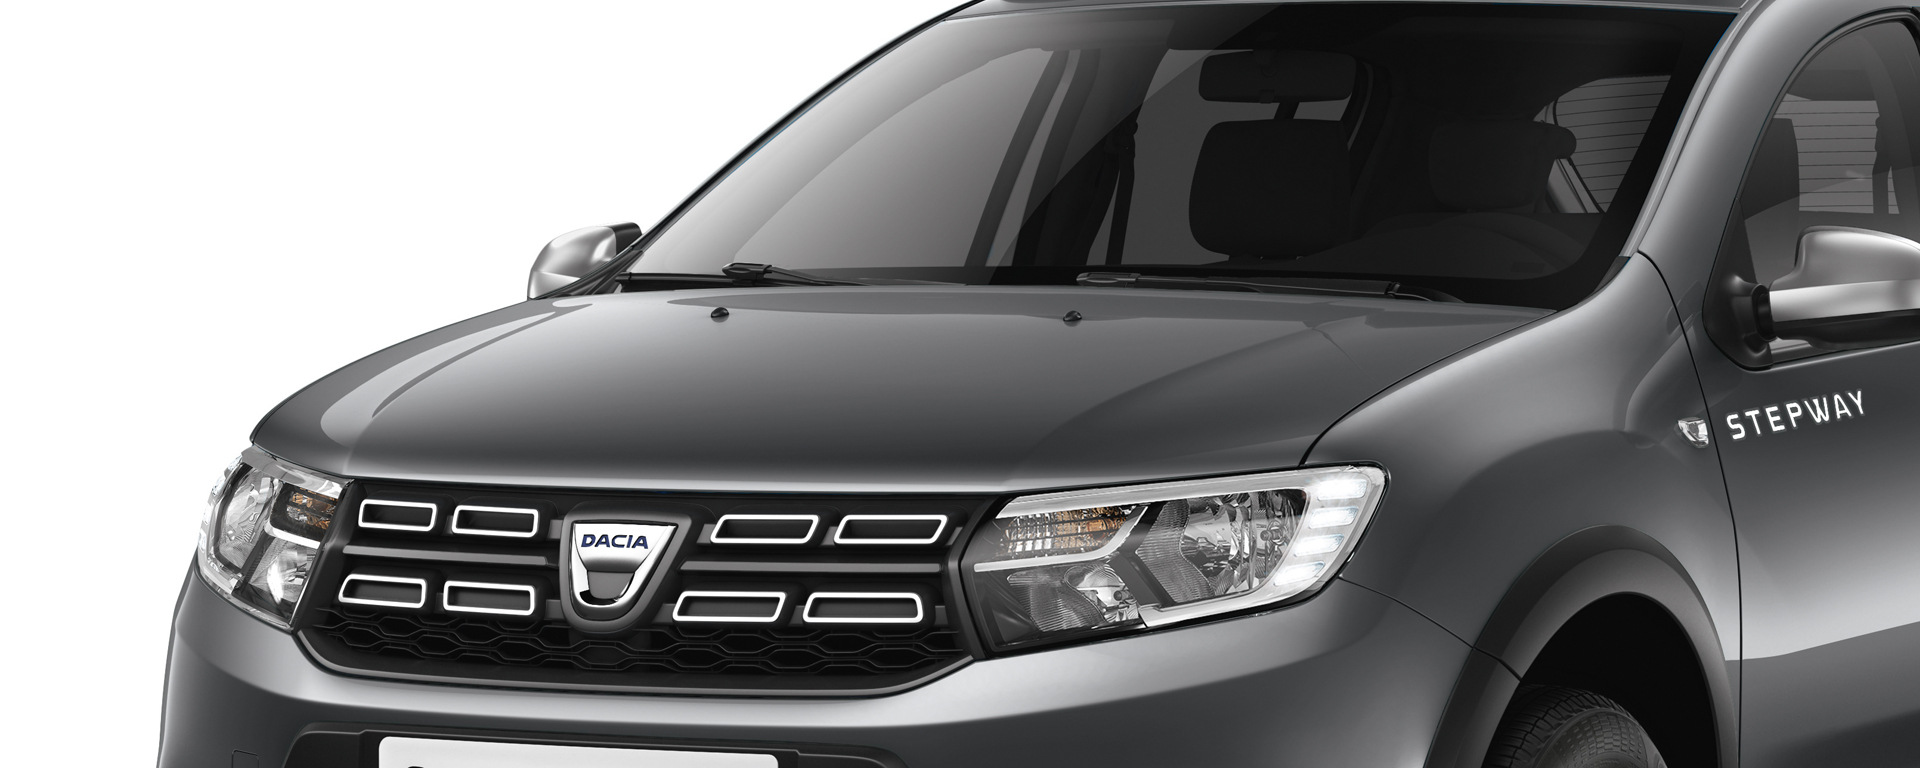 Dacia Sandero 1.000,00 € günstiger